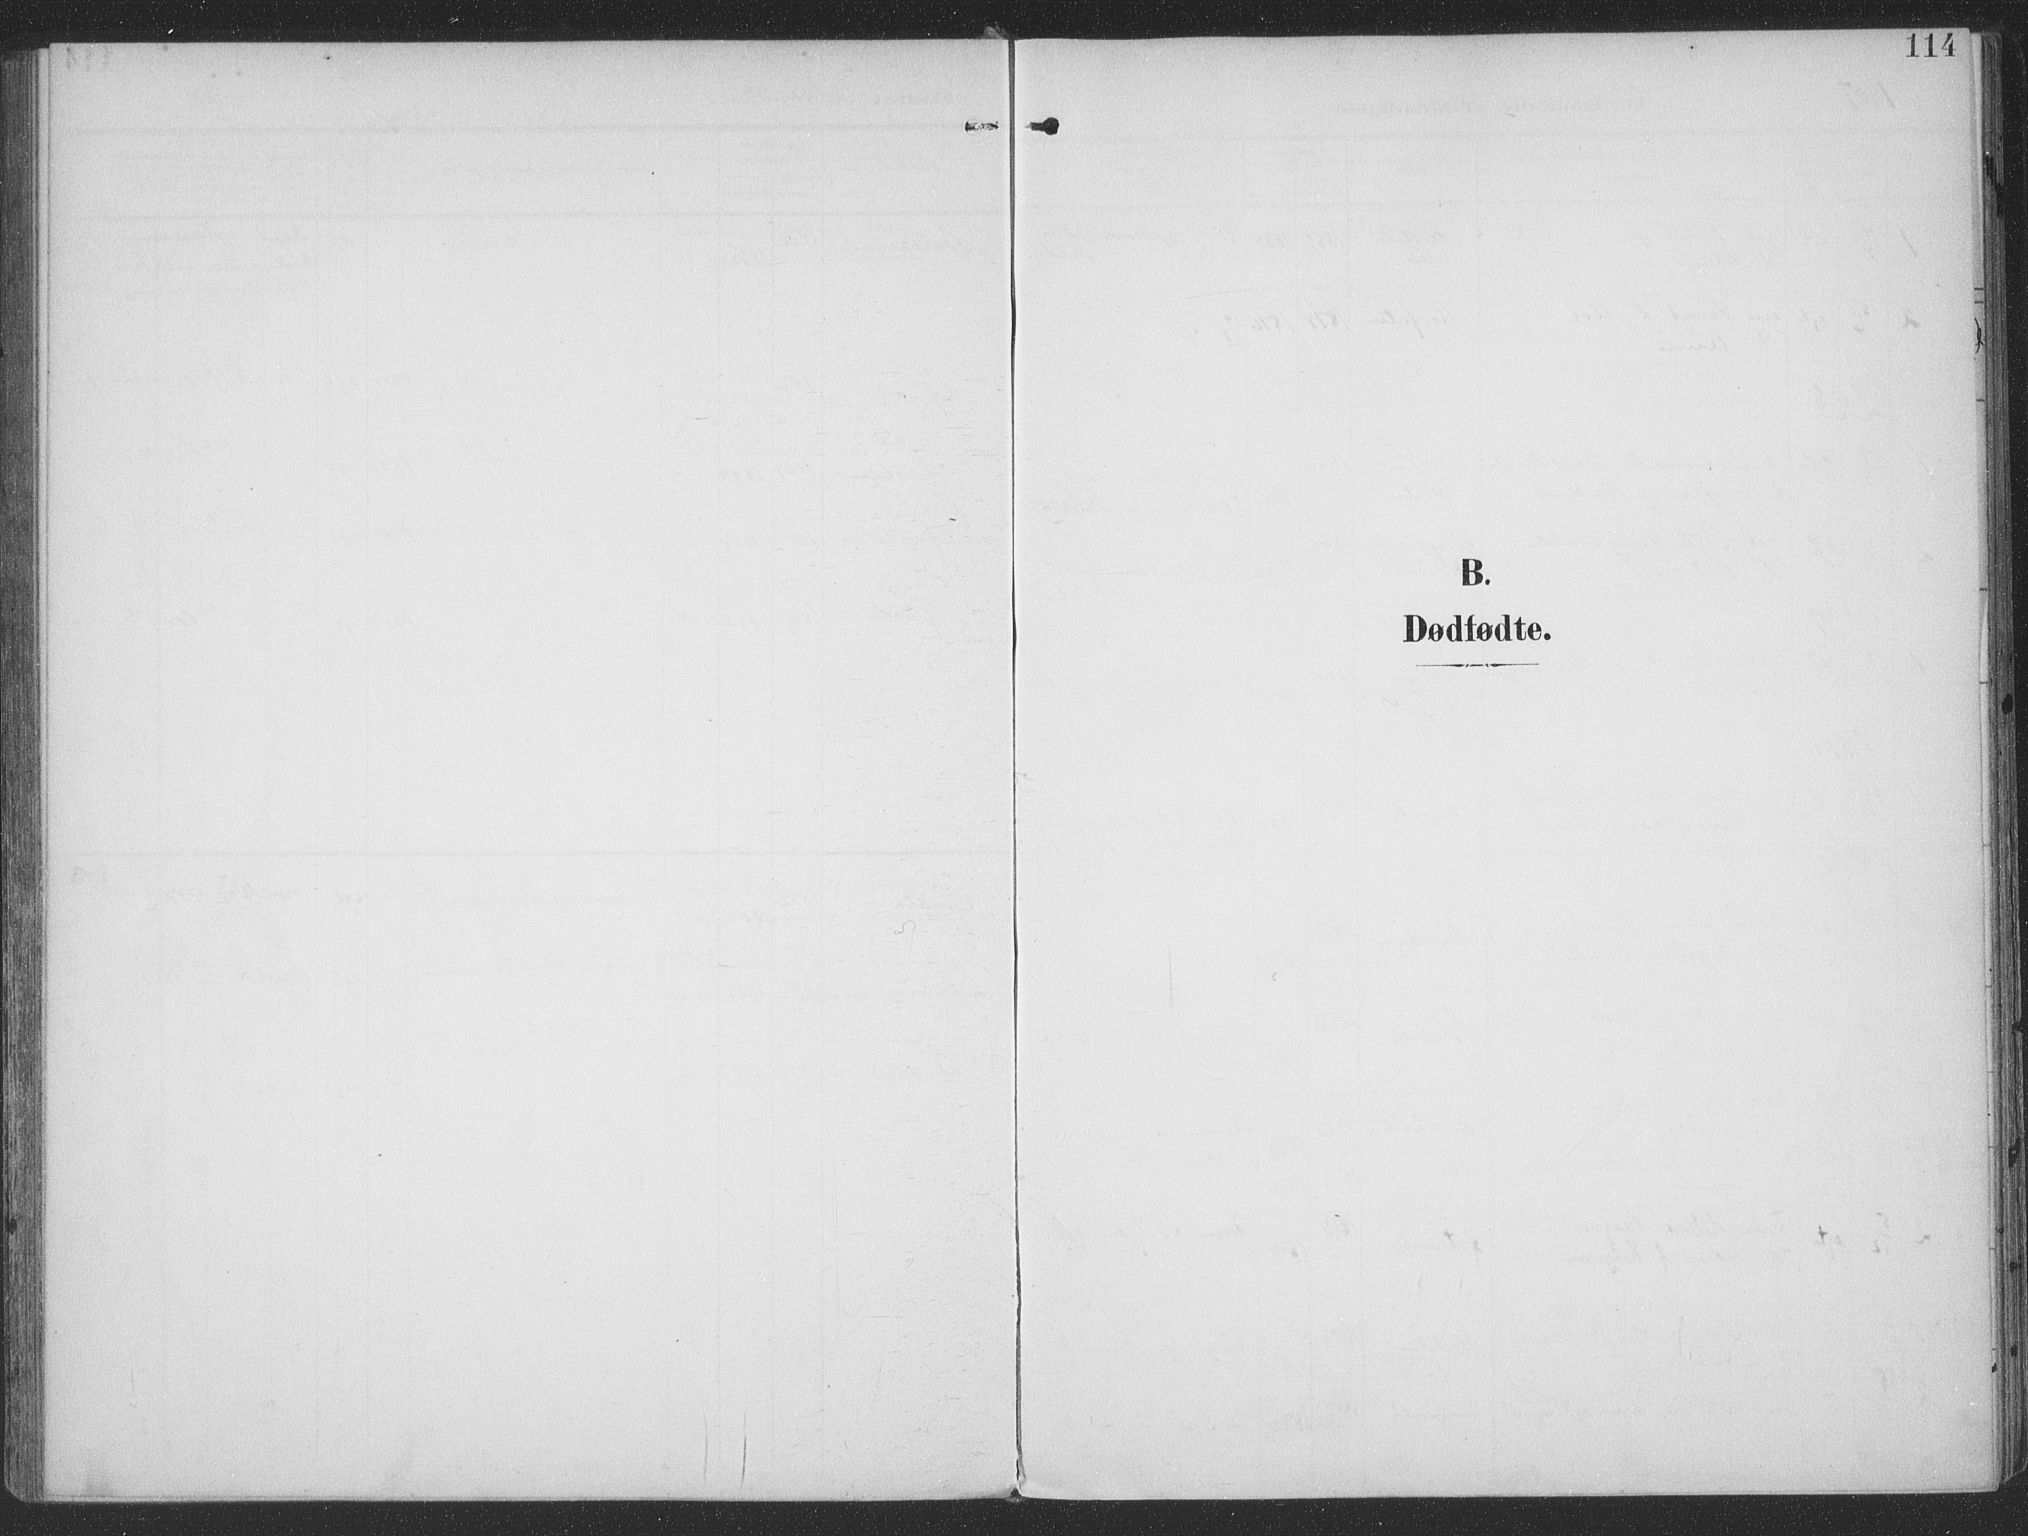 SAT, Ministerialprotokoller, klokkerbøker og fødselsregistre - Møre og Romsdal, 513/L0178: Ministerialbok nr. 513A05, 1906-1919, s. 114